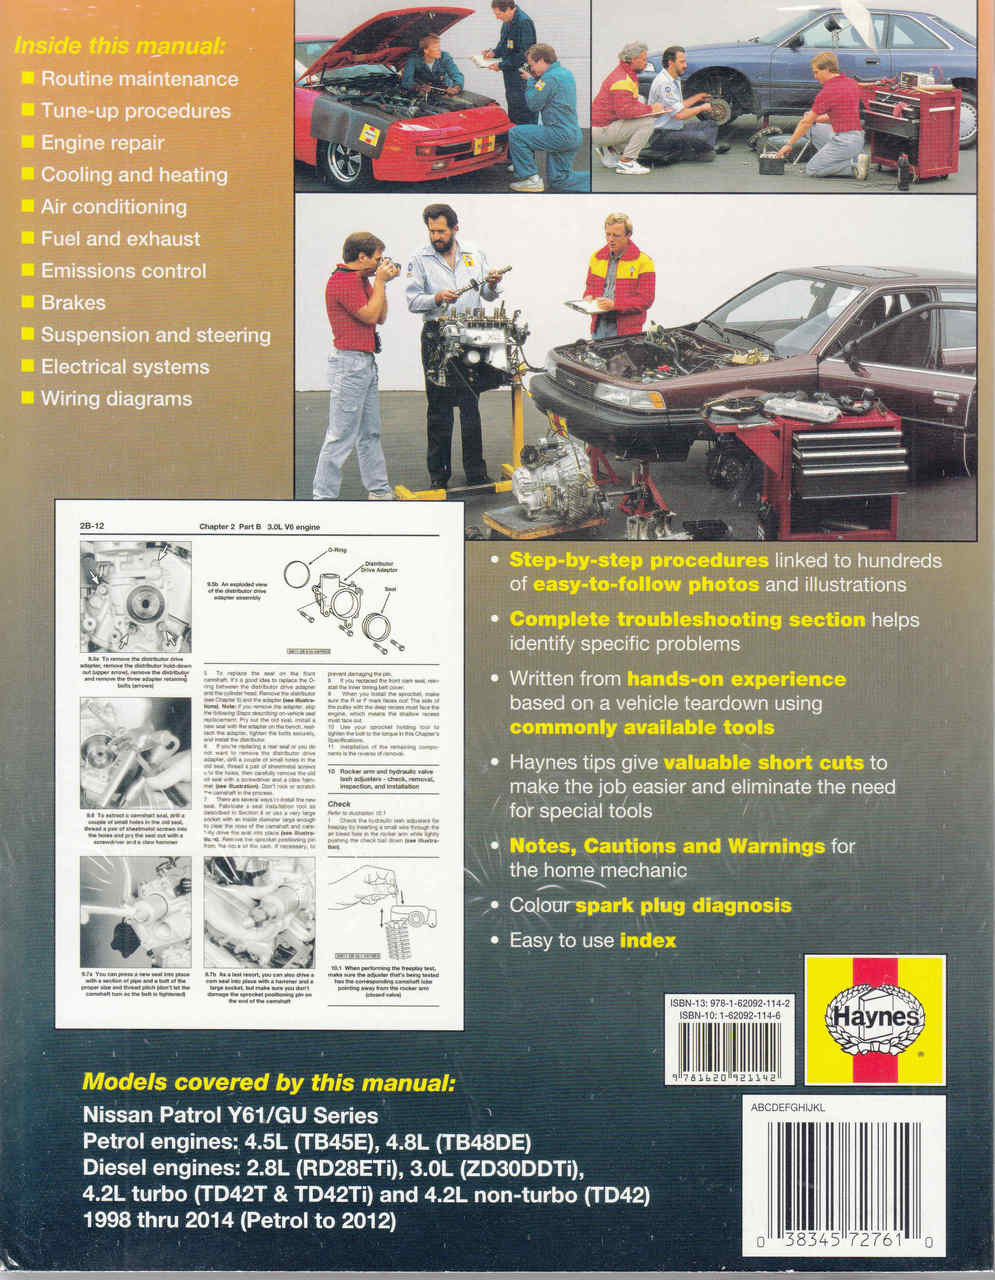 Nissan Patrol GU Series Petrol & Diesel 1998 - 2014 Workshop Manual